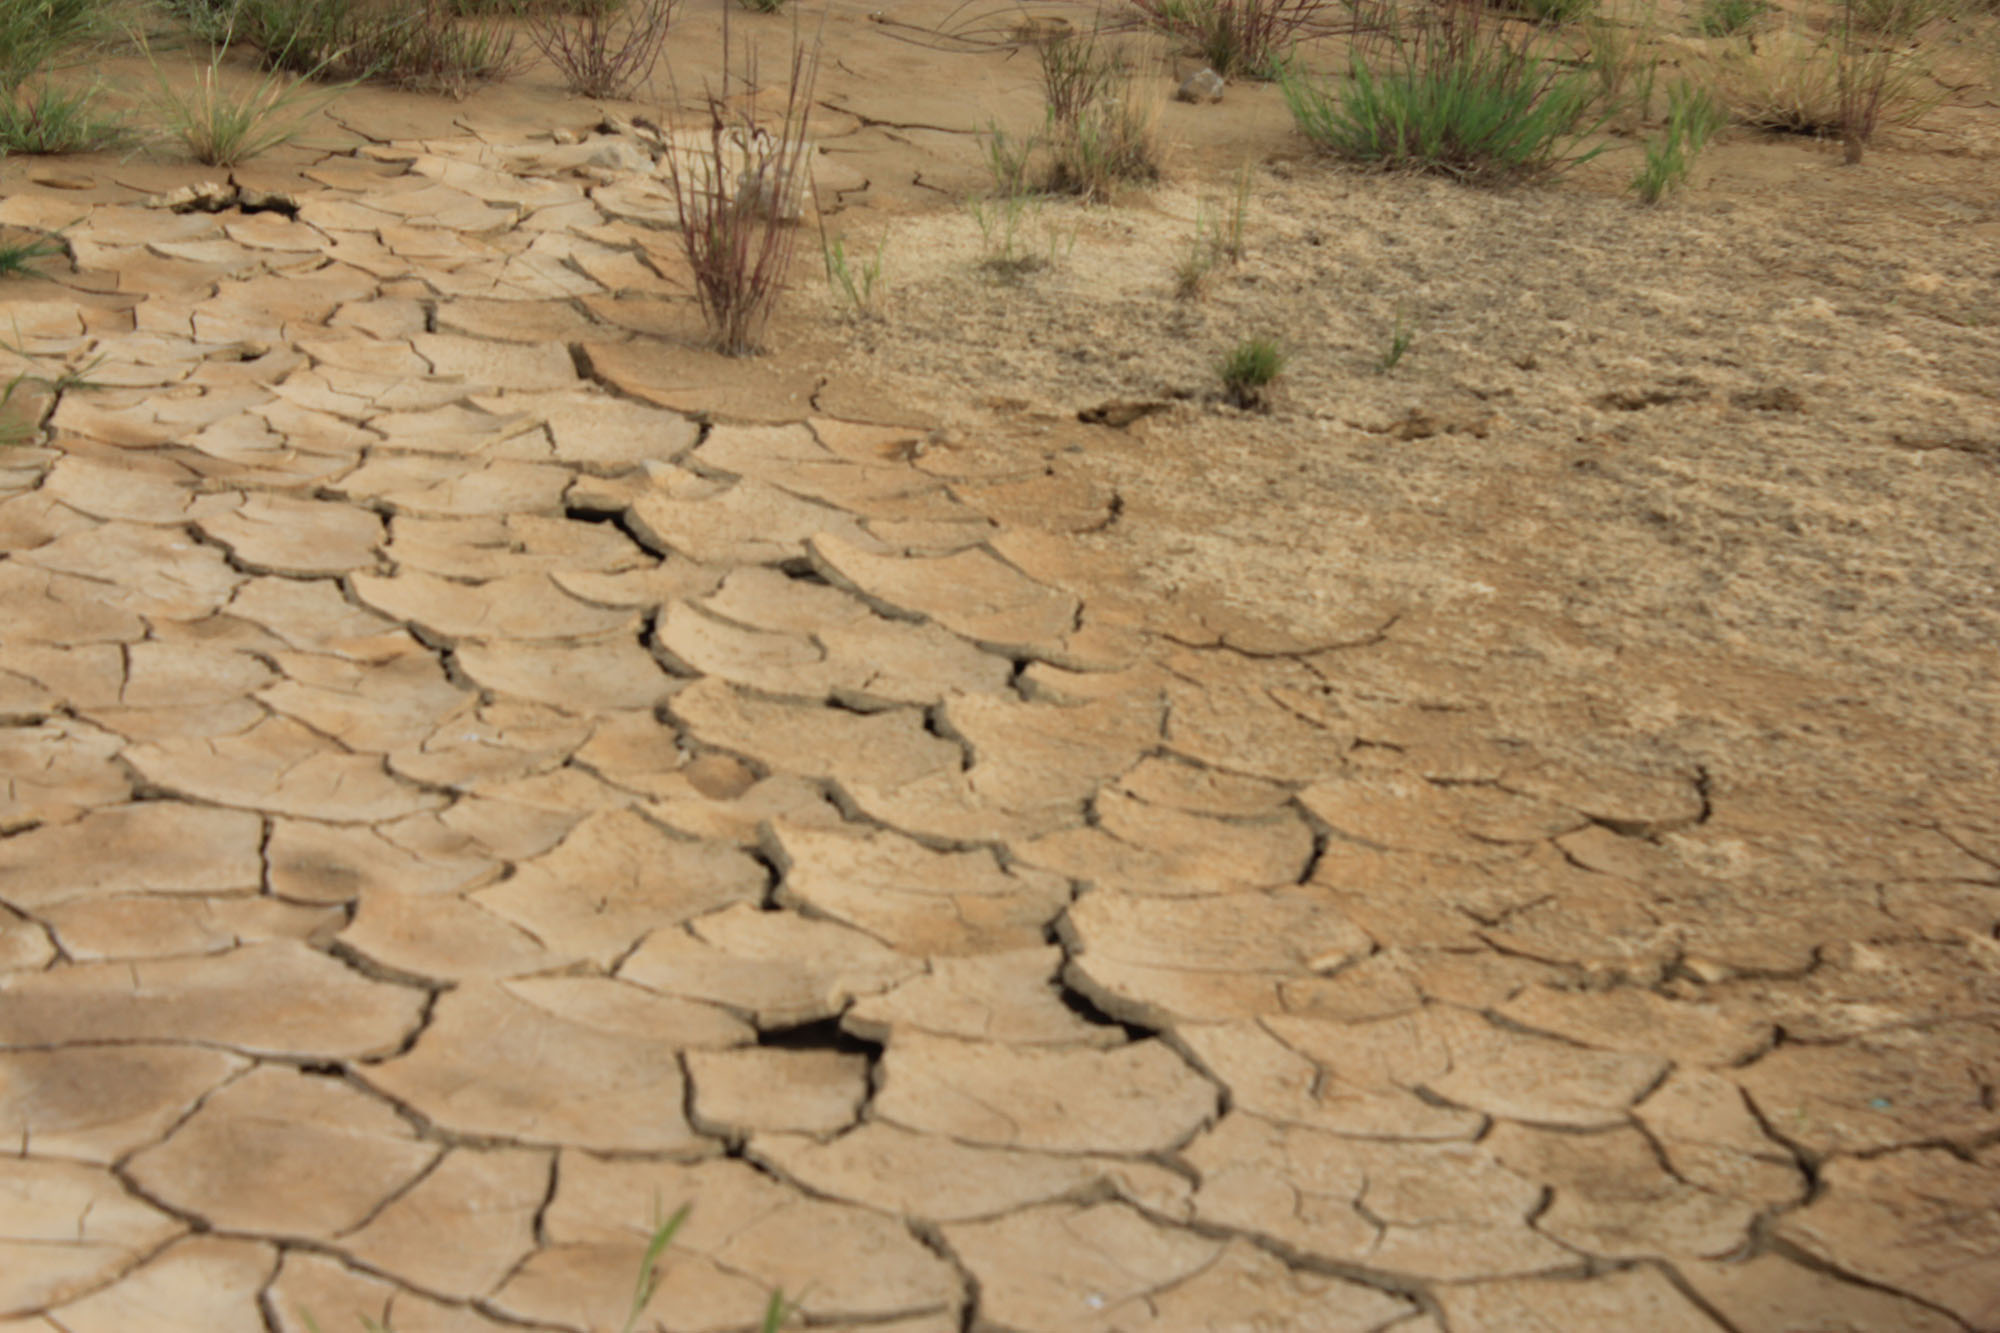 desierto y vegetacion